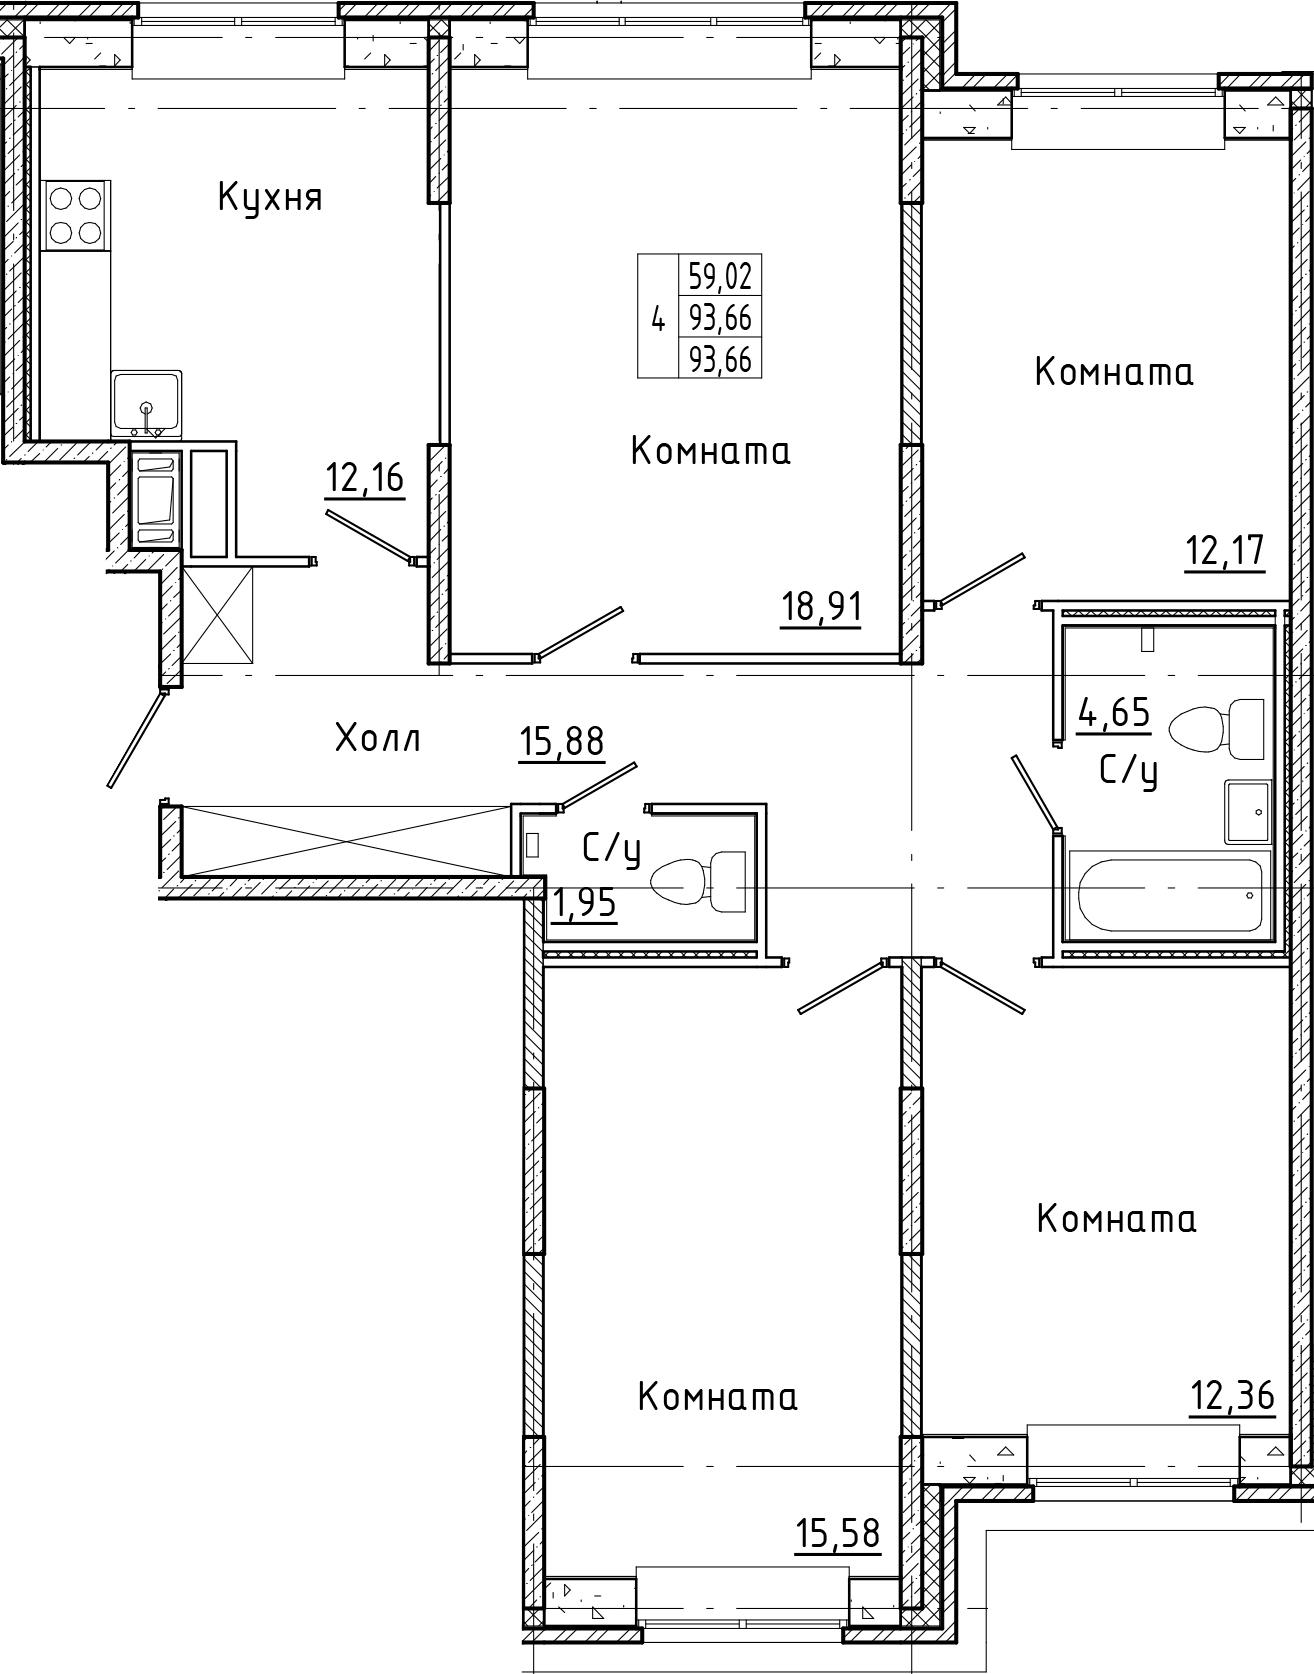 4-к.кв, 93.66 м²